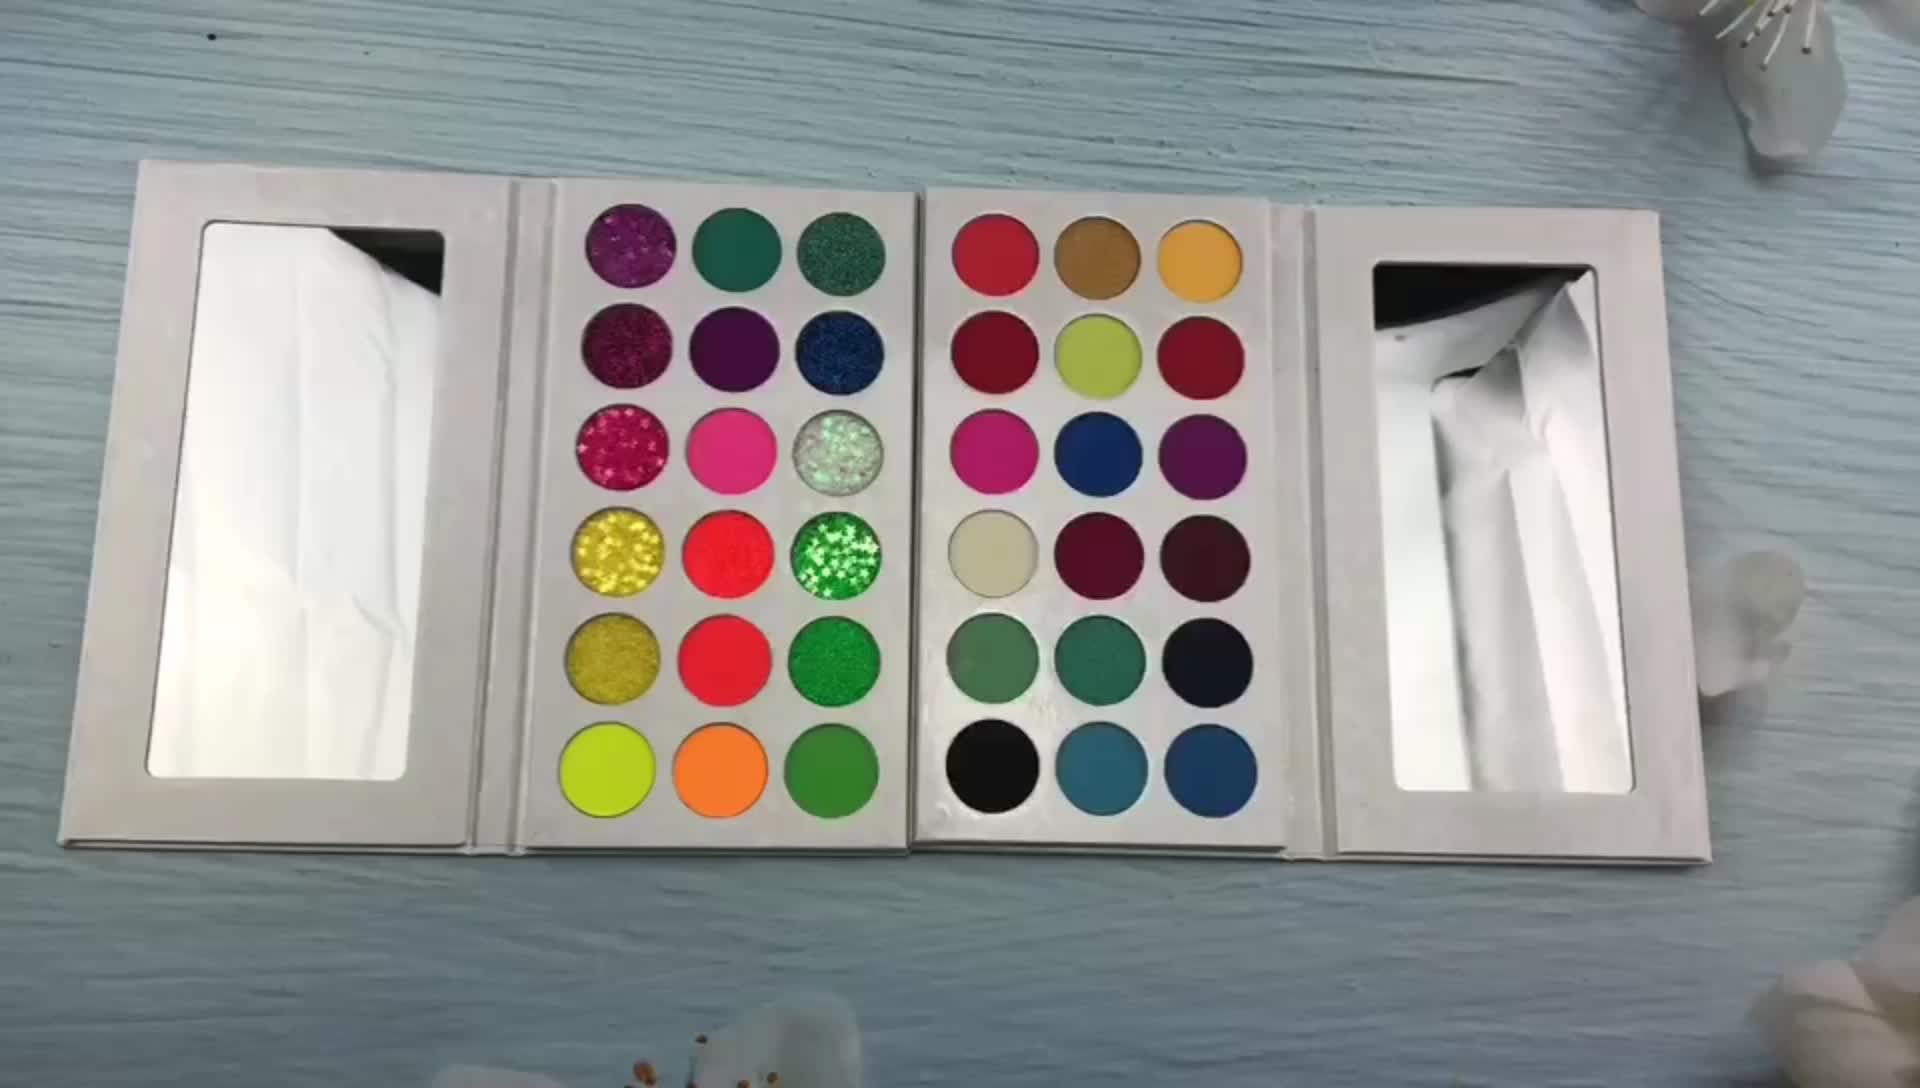 सौंदर्य प्रसाधन निजी कॉस्मेटिक मेकअप नेत्र छाया 18 रंग आंखों के छायाएं पैलेट OEM/ ODM शिमर मैट आंखों के छायाएं